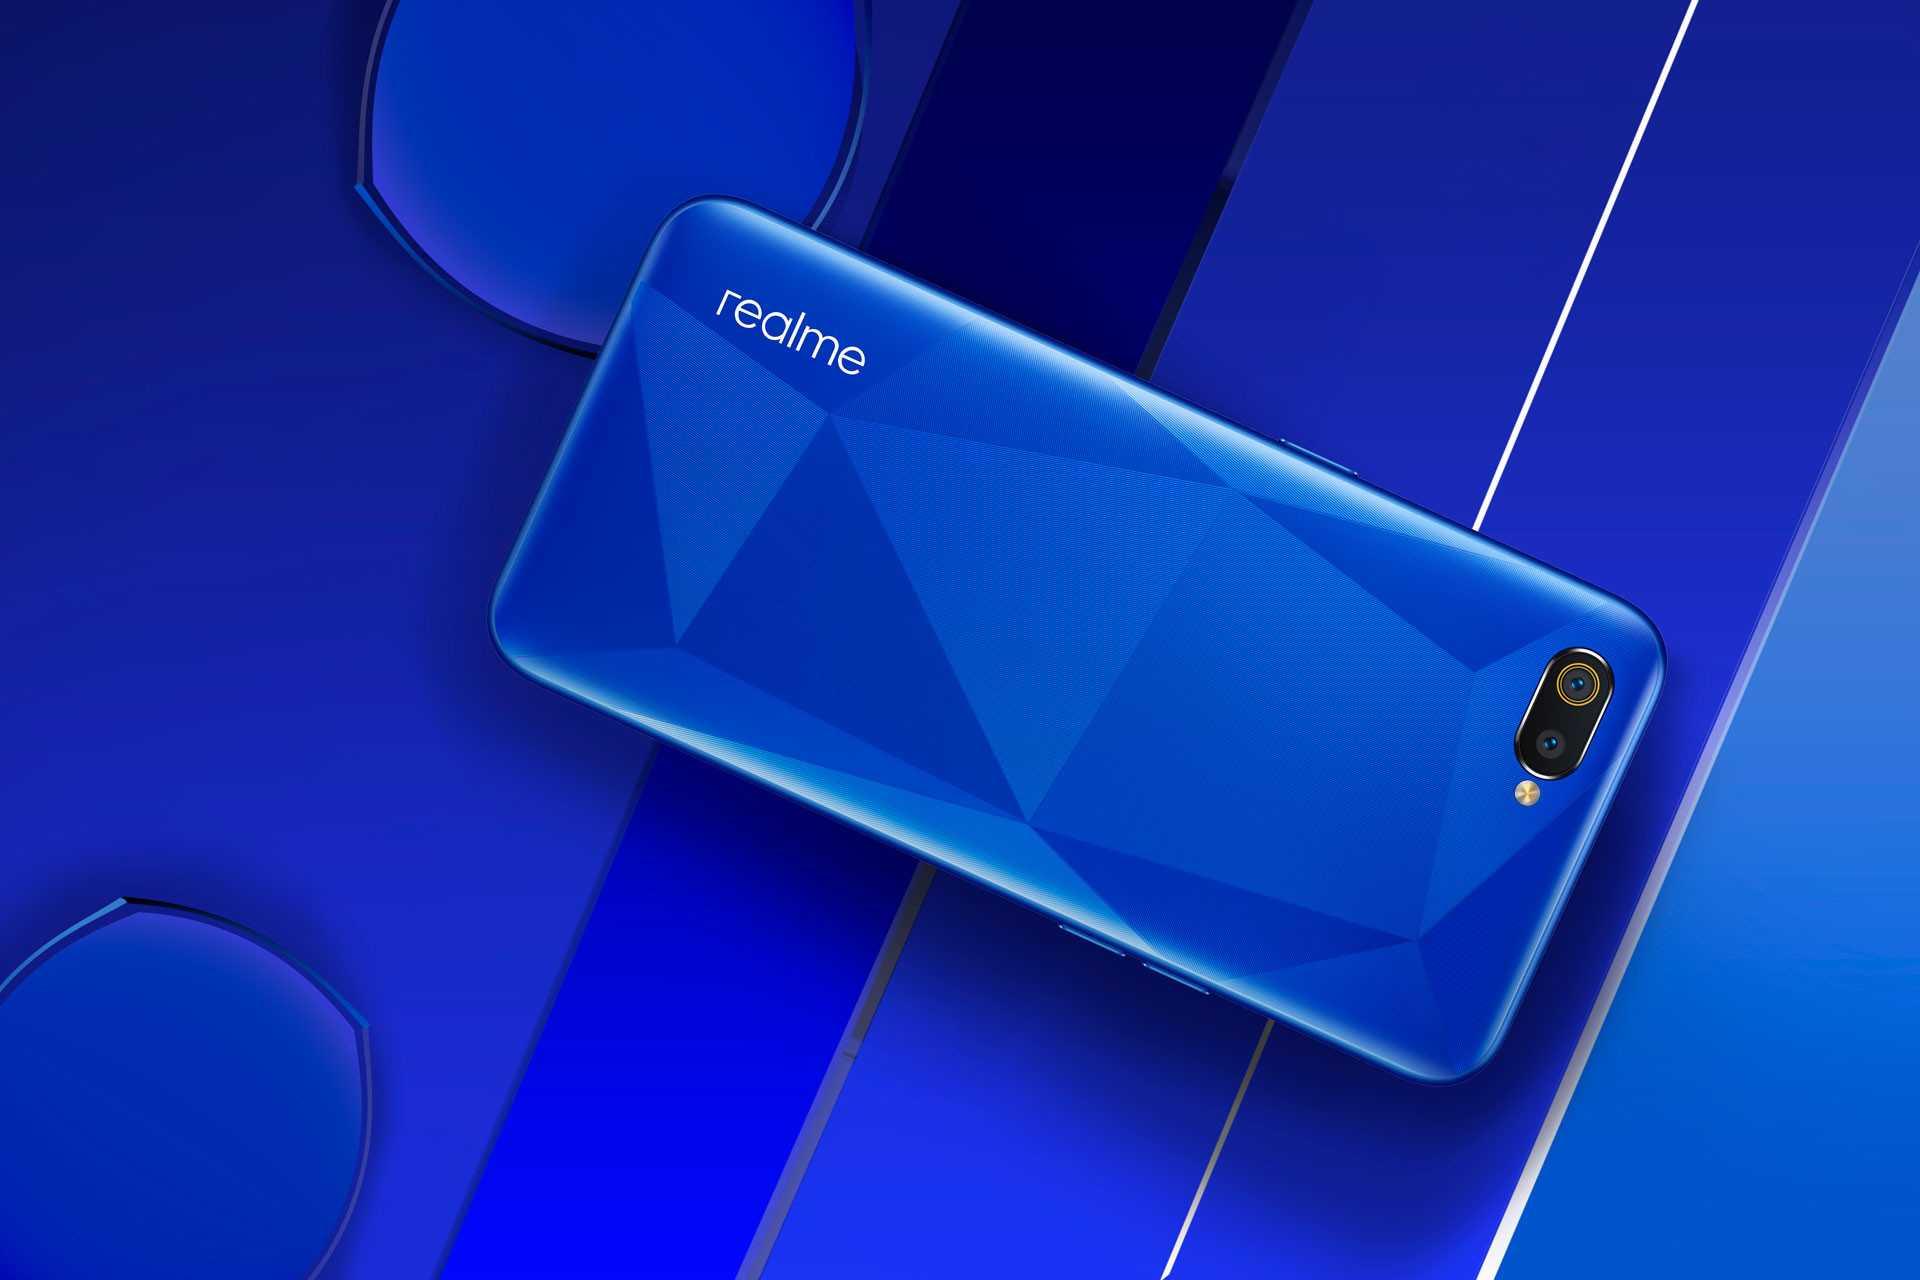 Заклятый конкурент xiaomi привез в россию два любопытных смартфона. цена, видео - cnews